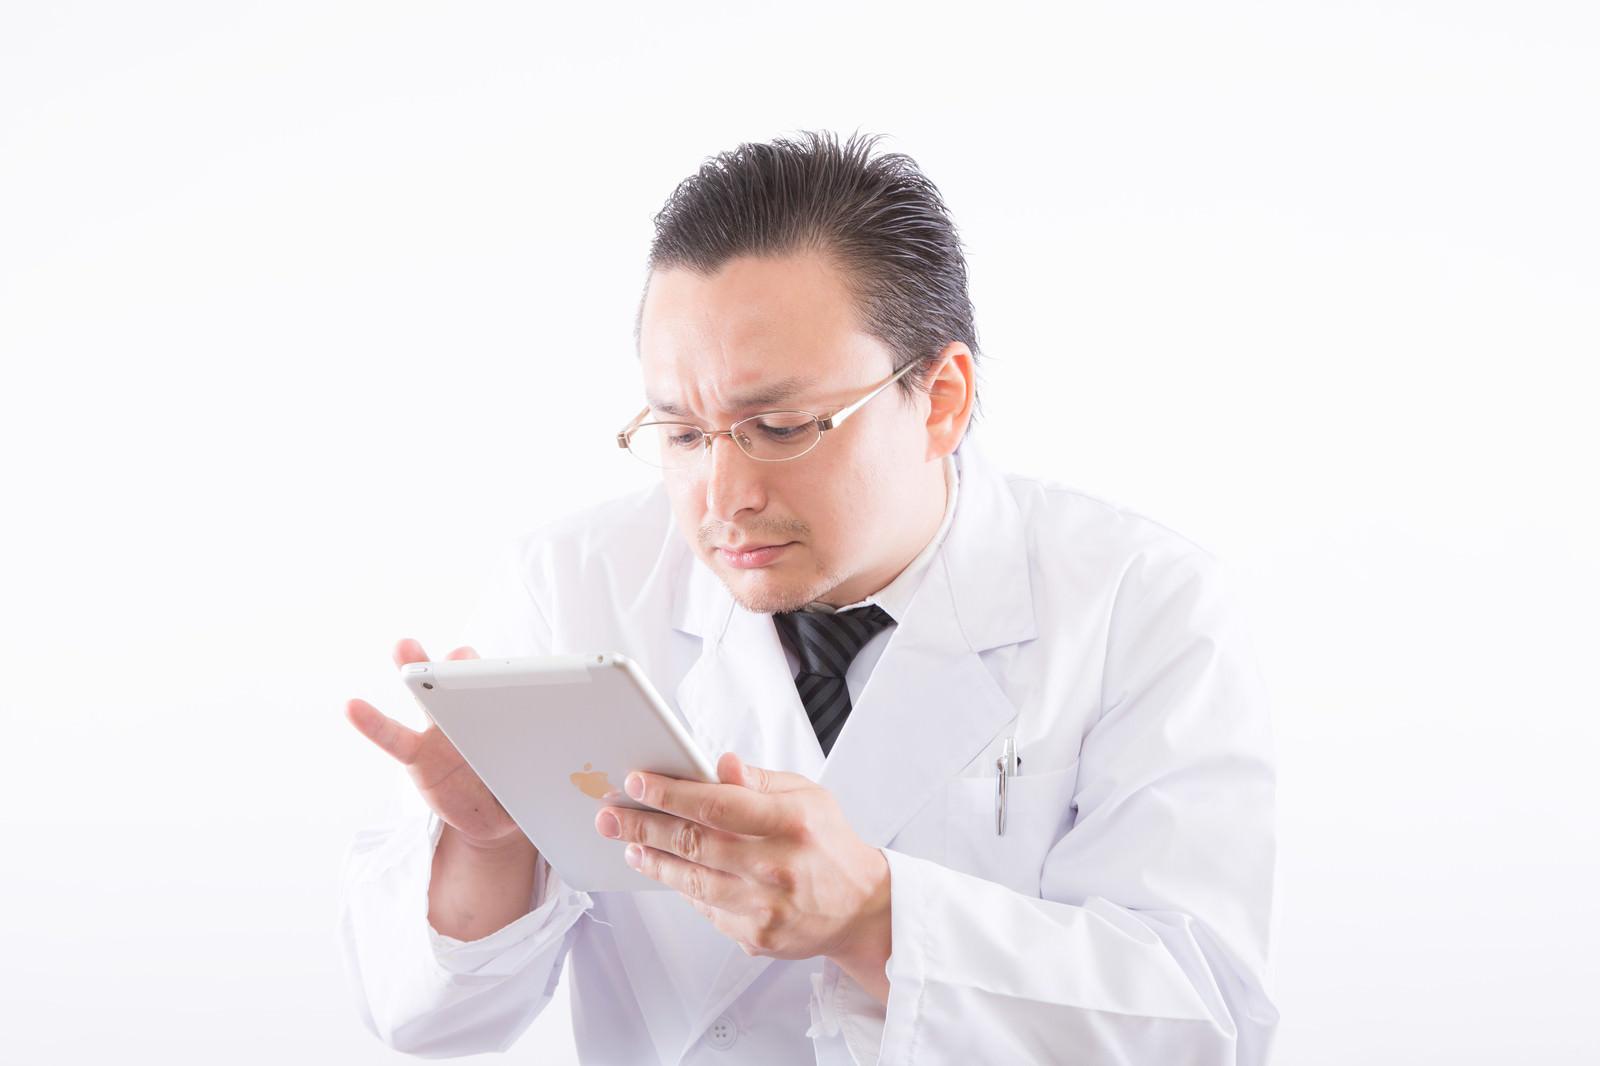 「電子カルテに慣れていない白衣のお医者さん電子カルテに慣れていない白衣のお医者さん」[モデル:Max_Ezaki]のフリー写真素材を拡大